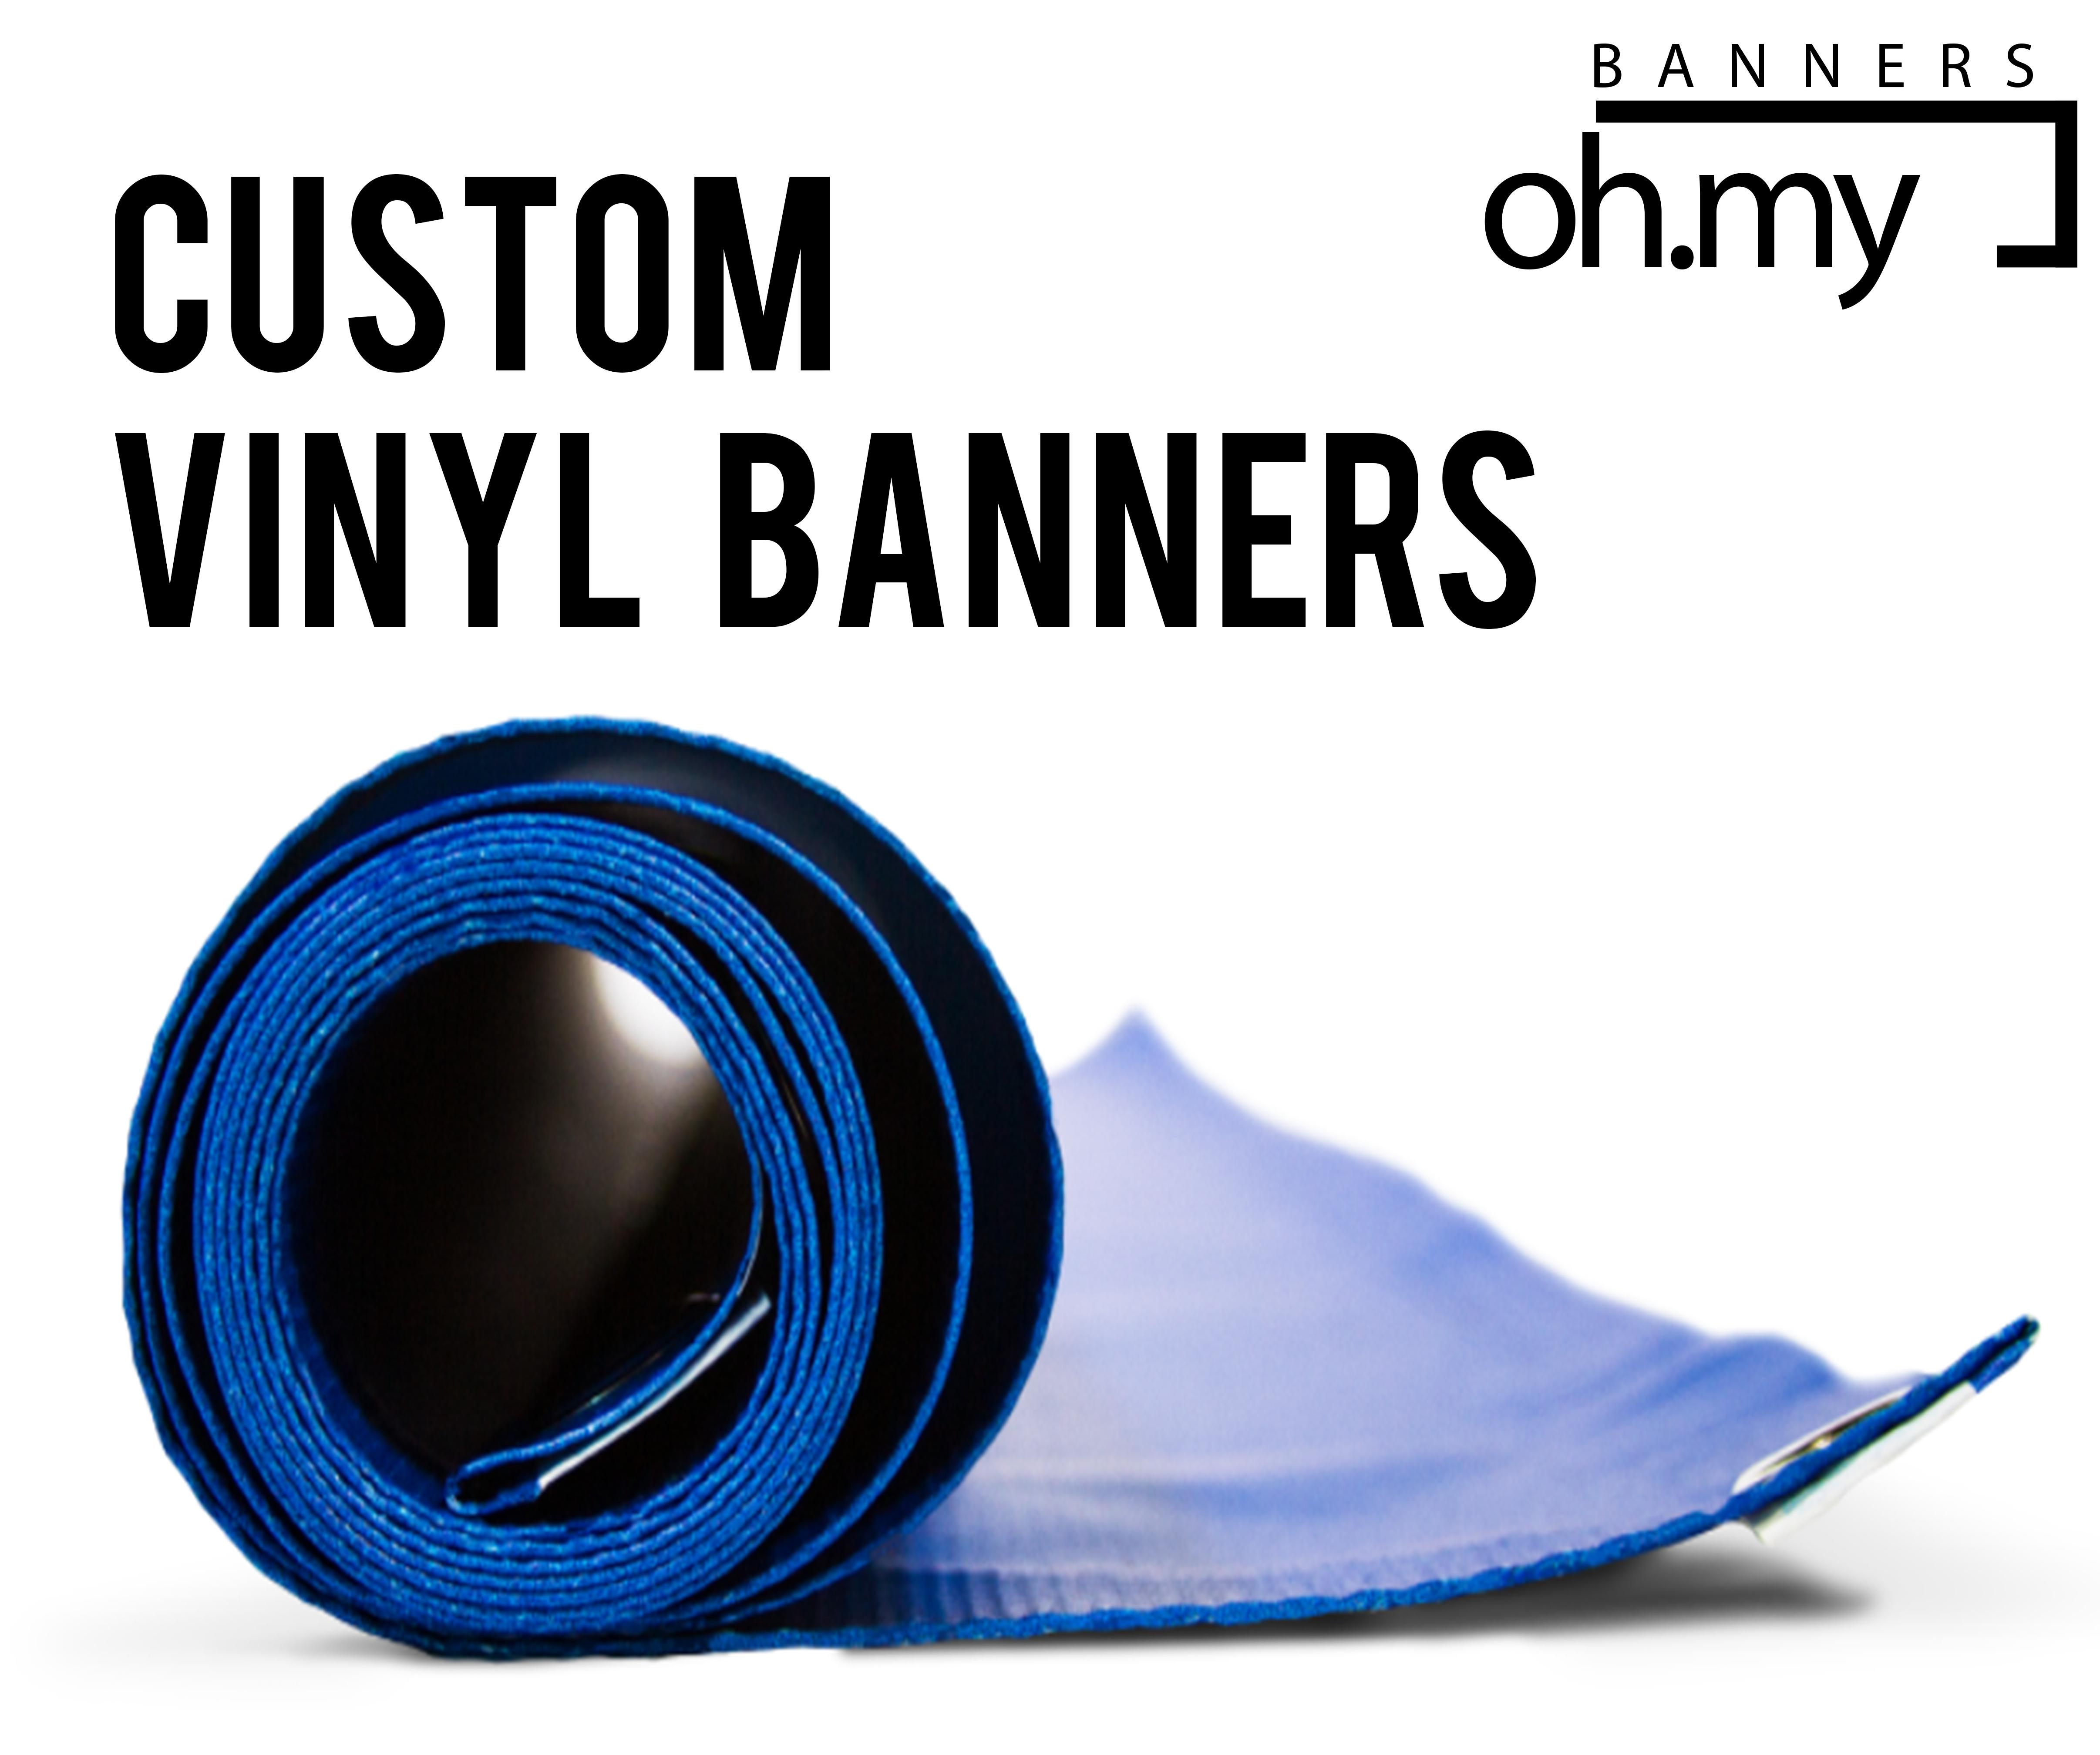 #Banner#Banners#Custombanner#Vinylbanner#vinylbanners#lasvegas#lasvegasthebestbannercompany#convention#conventionbanner#lasvegasconventionbanner #stepandreapeat #bannerstand #redcarpet